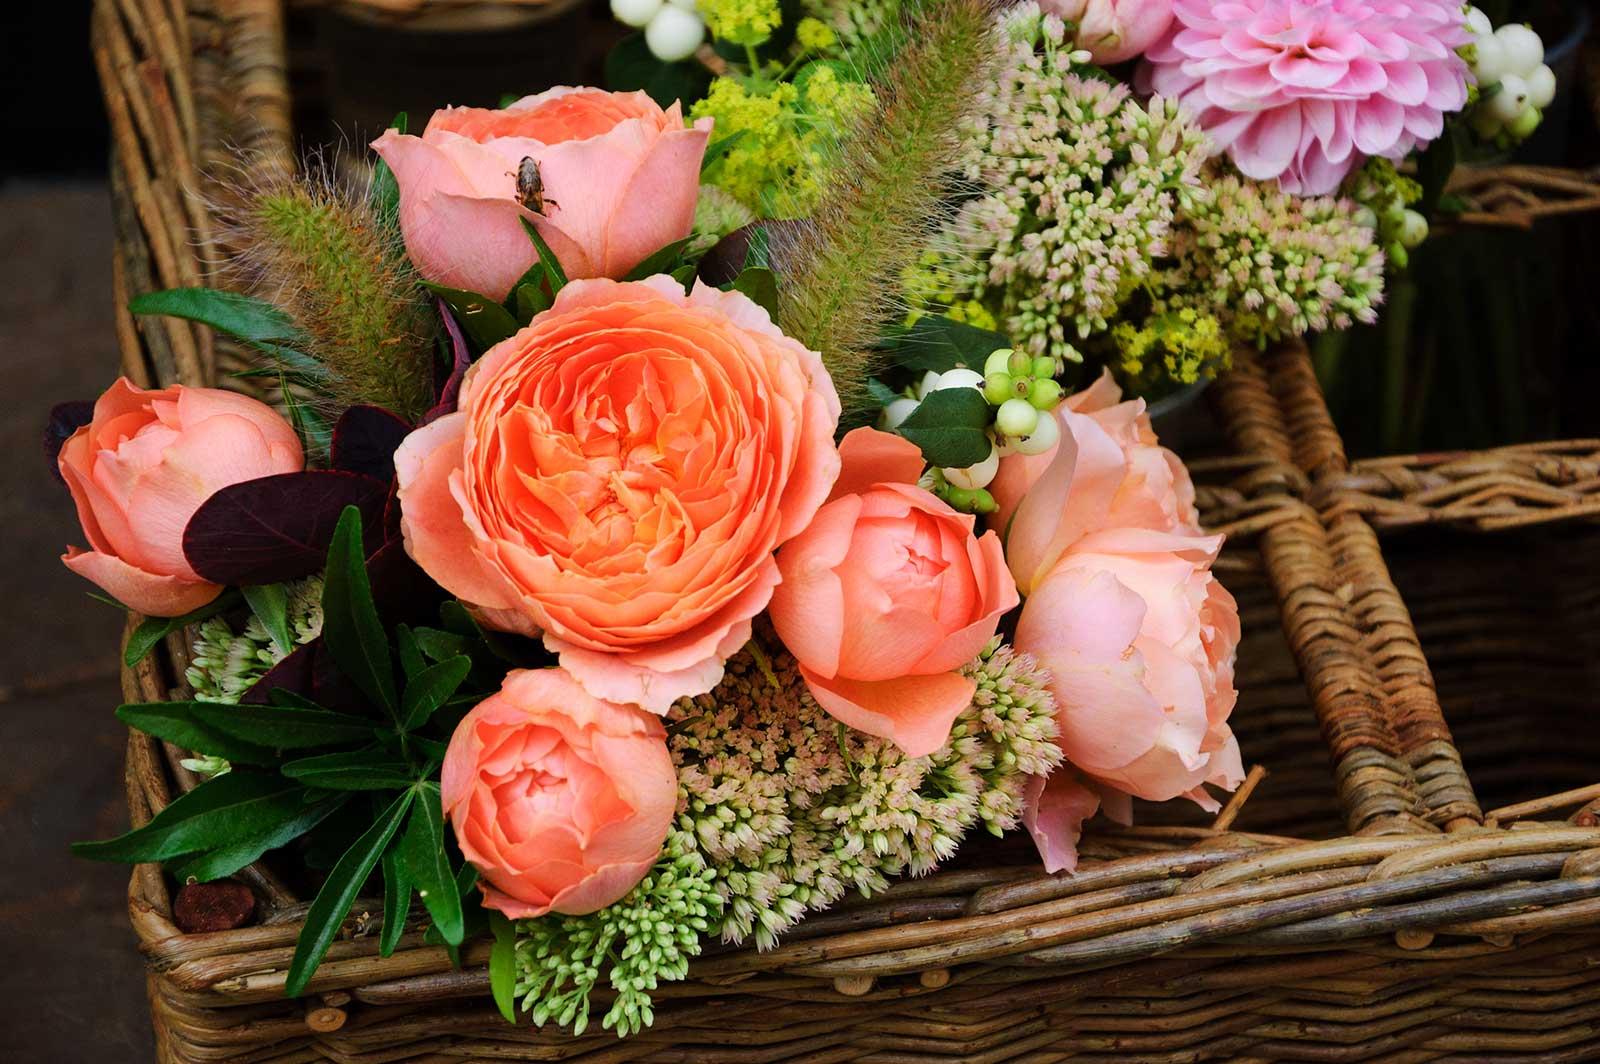 Beautiful flowers arrangement in wicker basket.